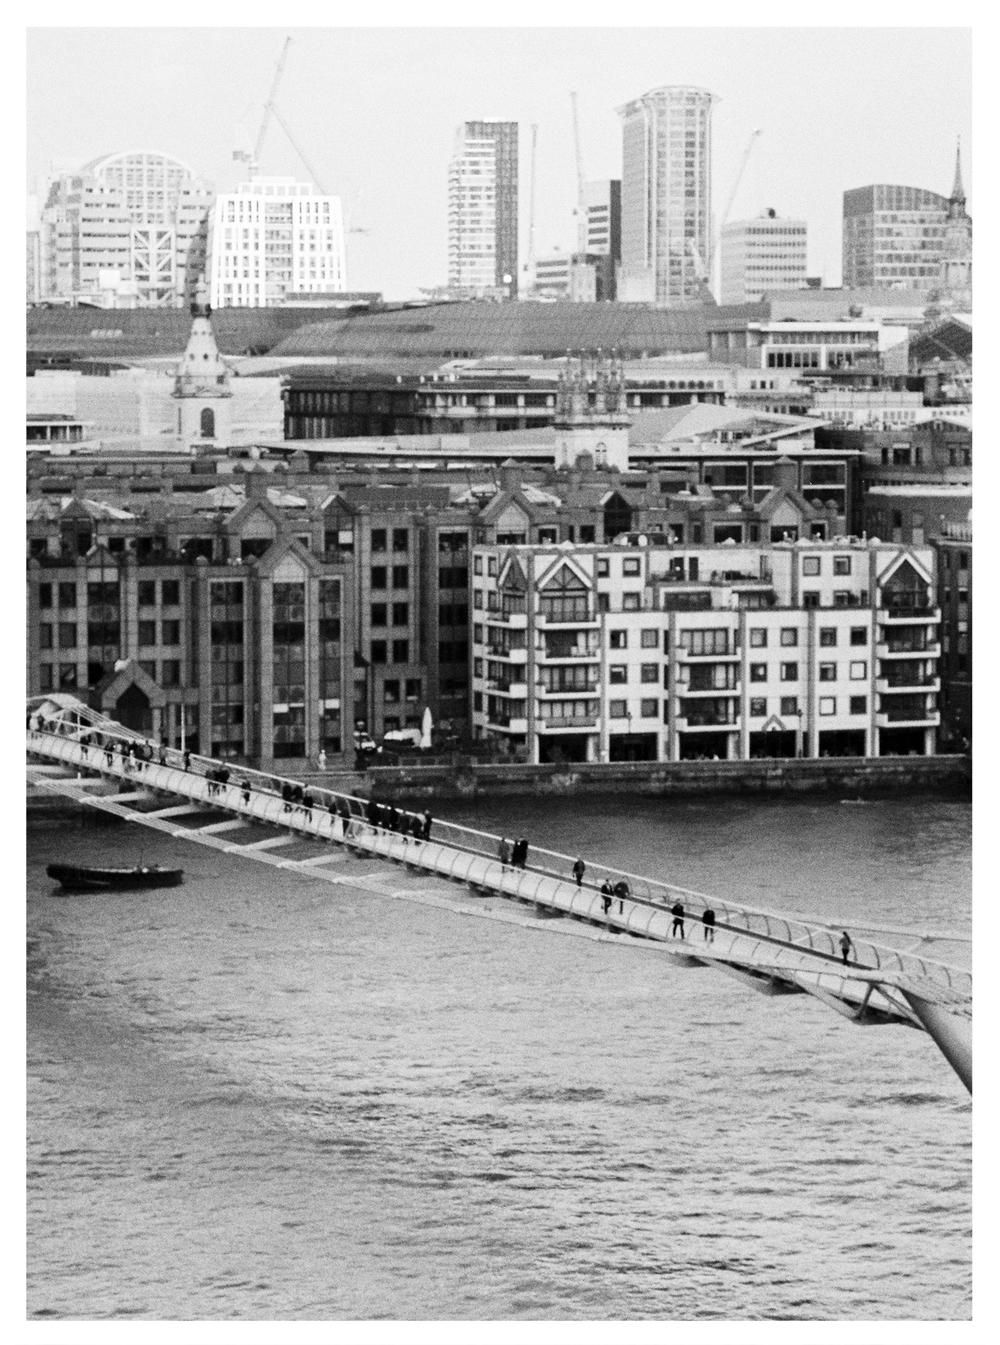 London_by_Brancoprata17.jpg